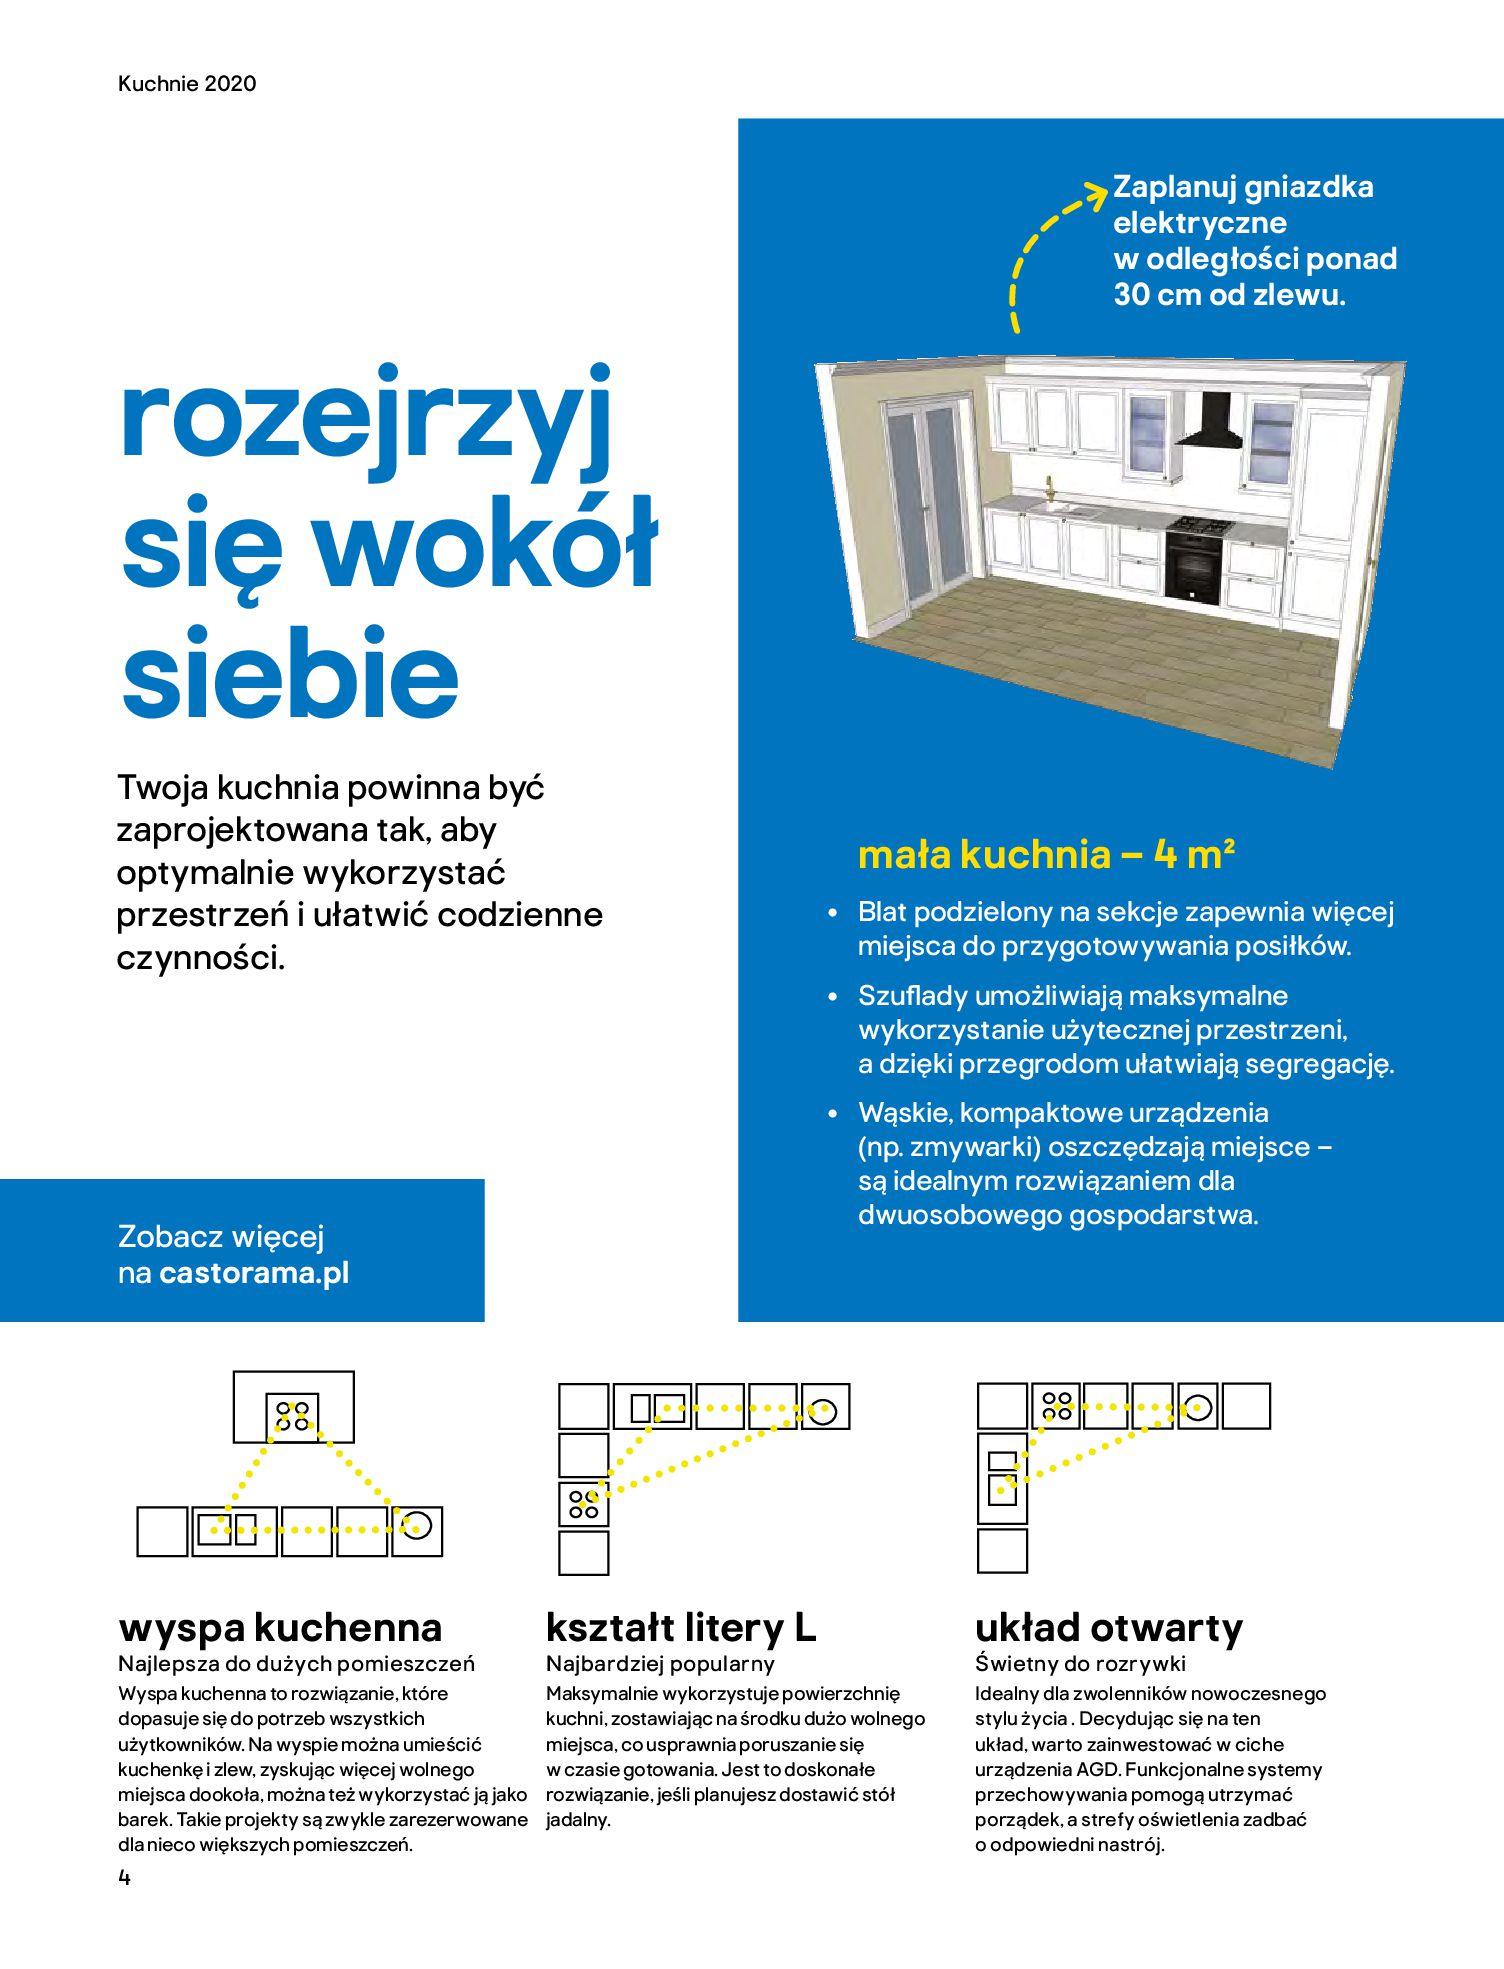 Gazetka Castorama - Katalog Kuchnie 2020-14.04.2020-31.12.2020-page-4